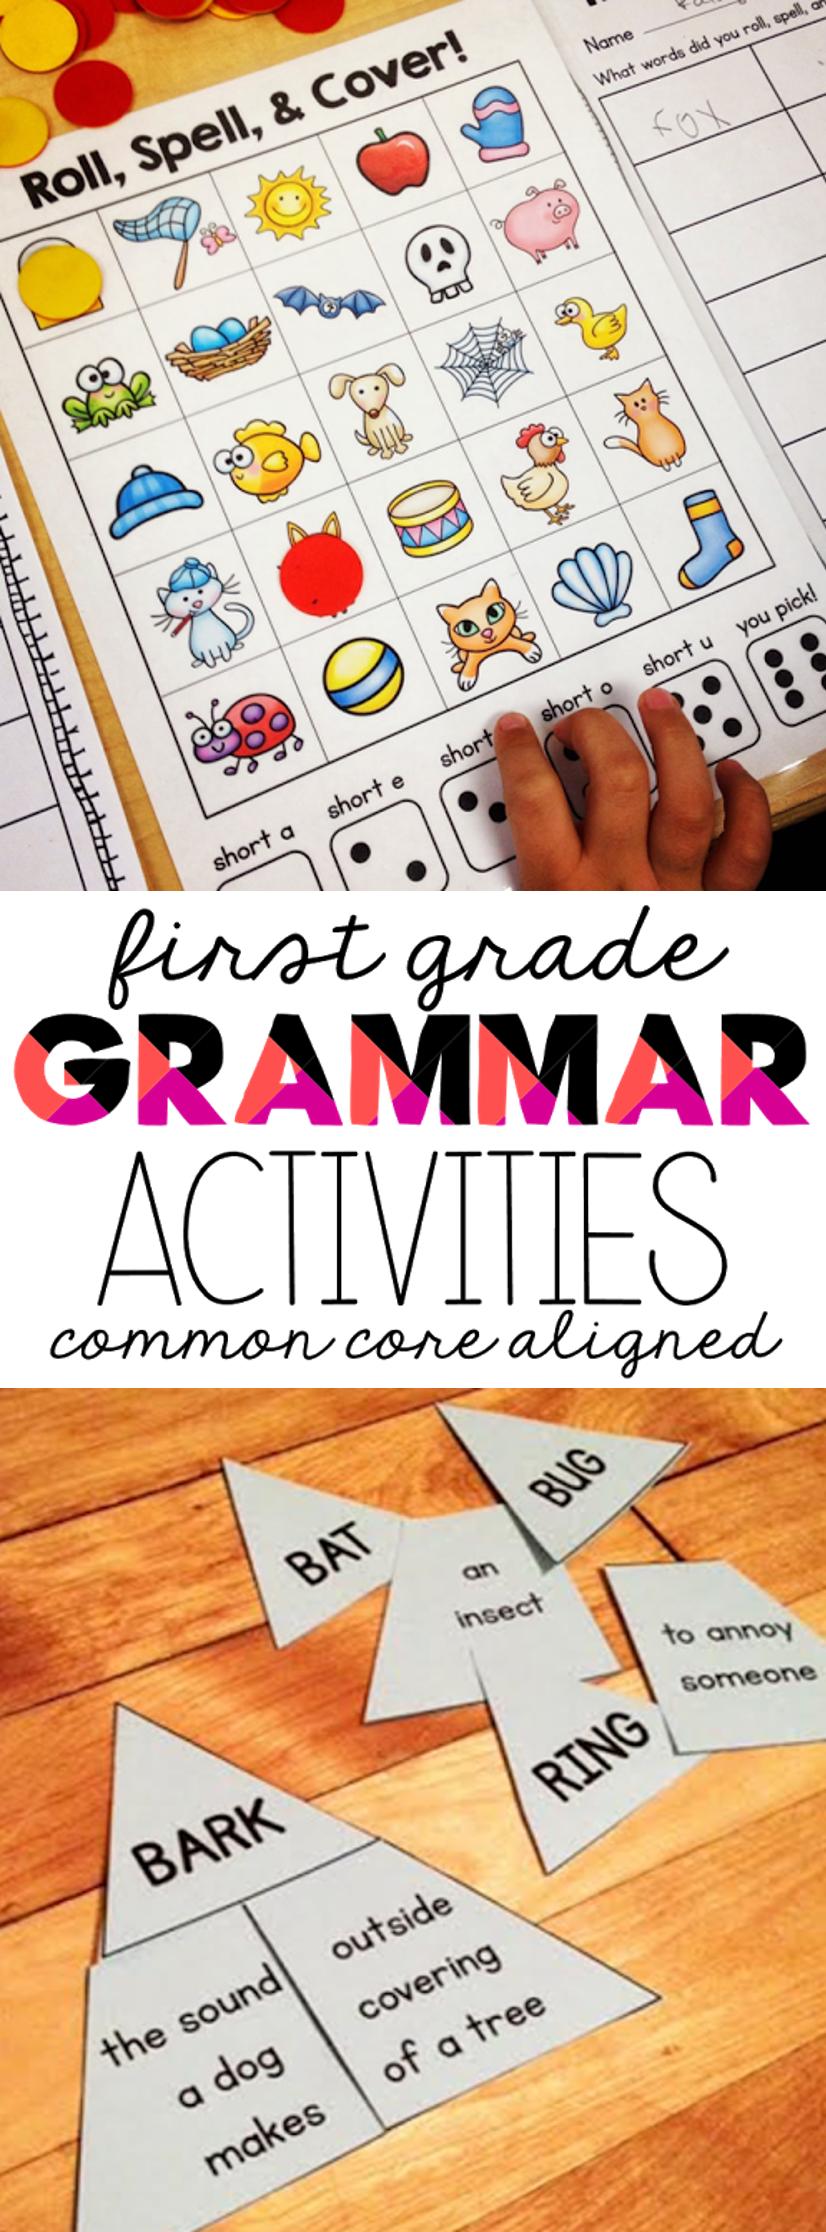 The Moffatt Girls Winter Math And Literacy Packet First Grade Nouns And Verbs Worksheets Nouns And Verbs First Grade Worksheets [ 1325 x 1024 Pixel ]